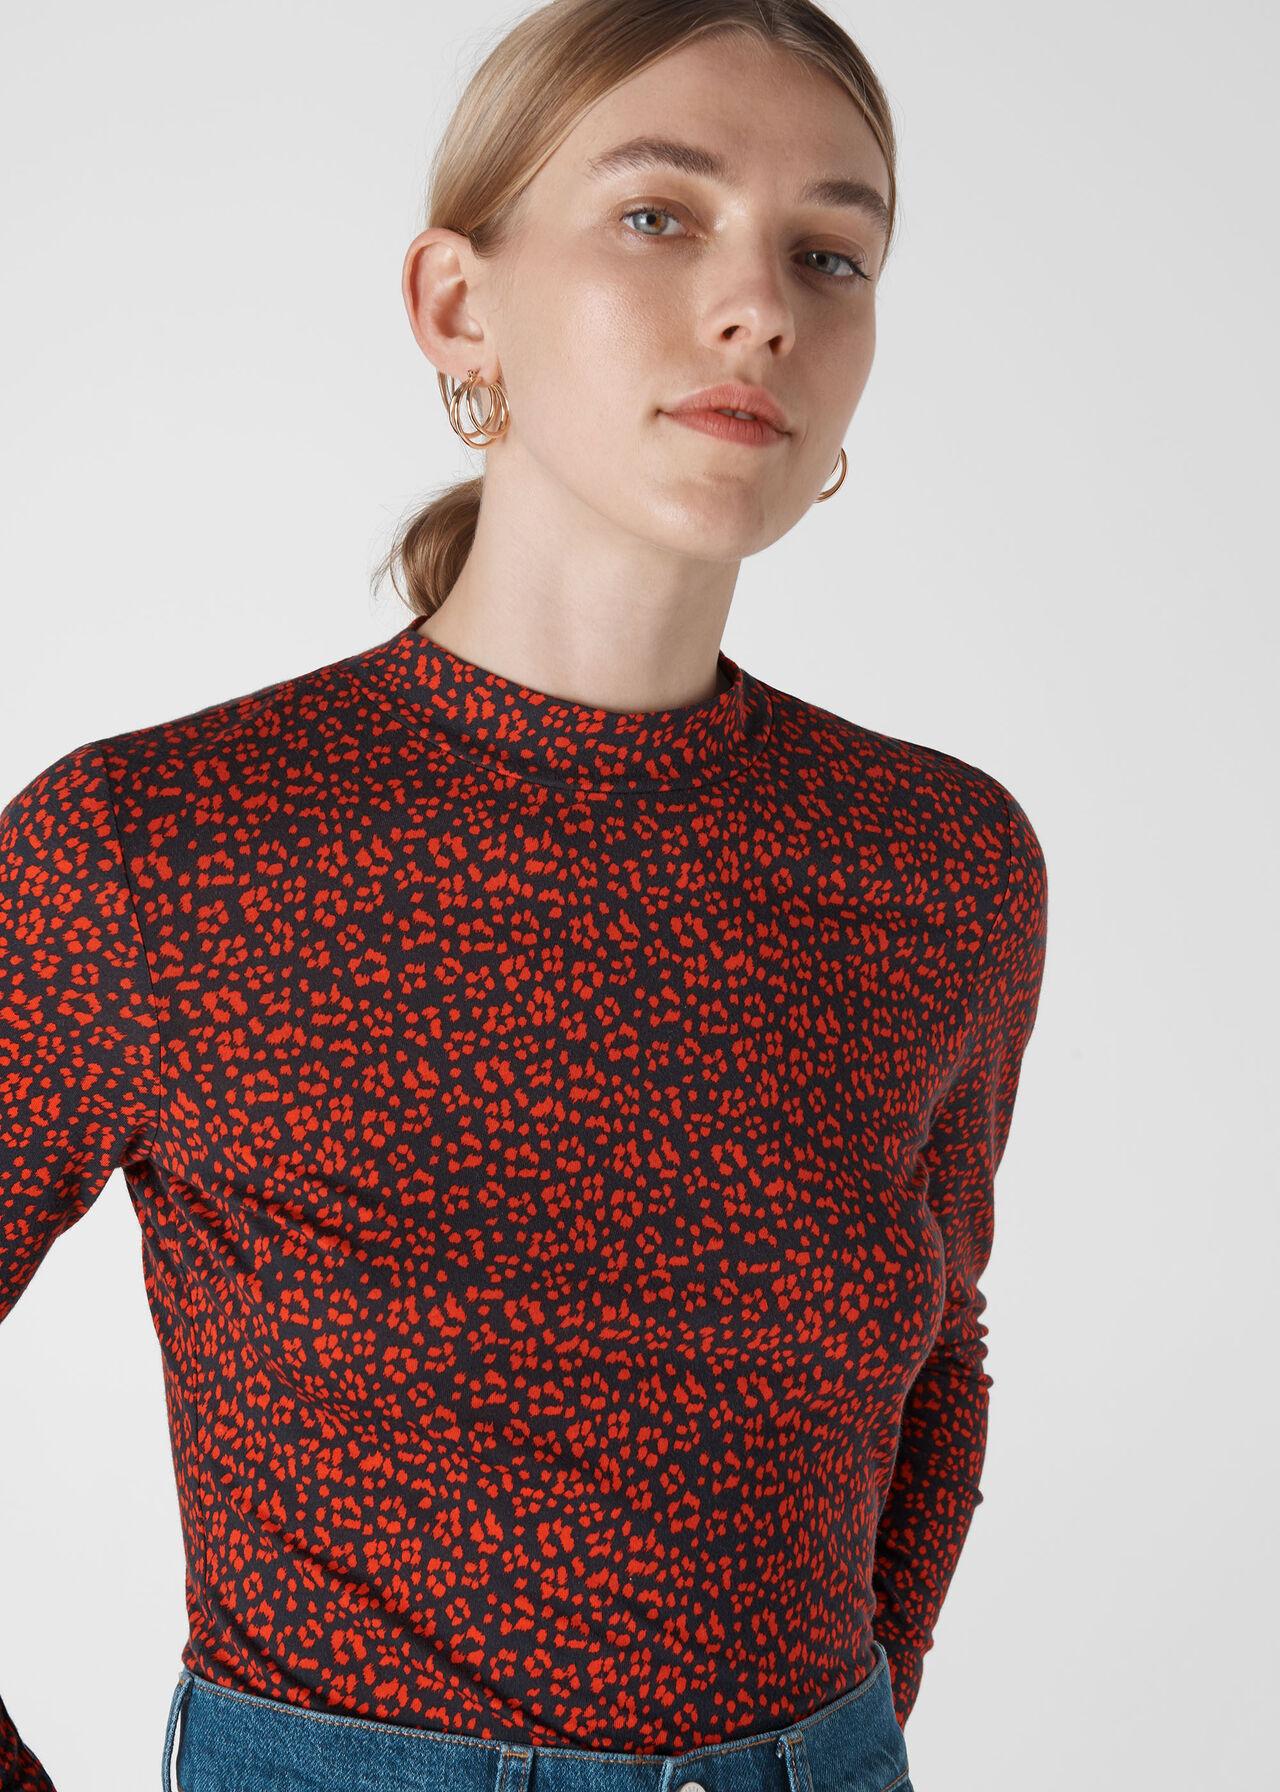 Mini Ikat Print Essential Top Red/Multi